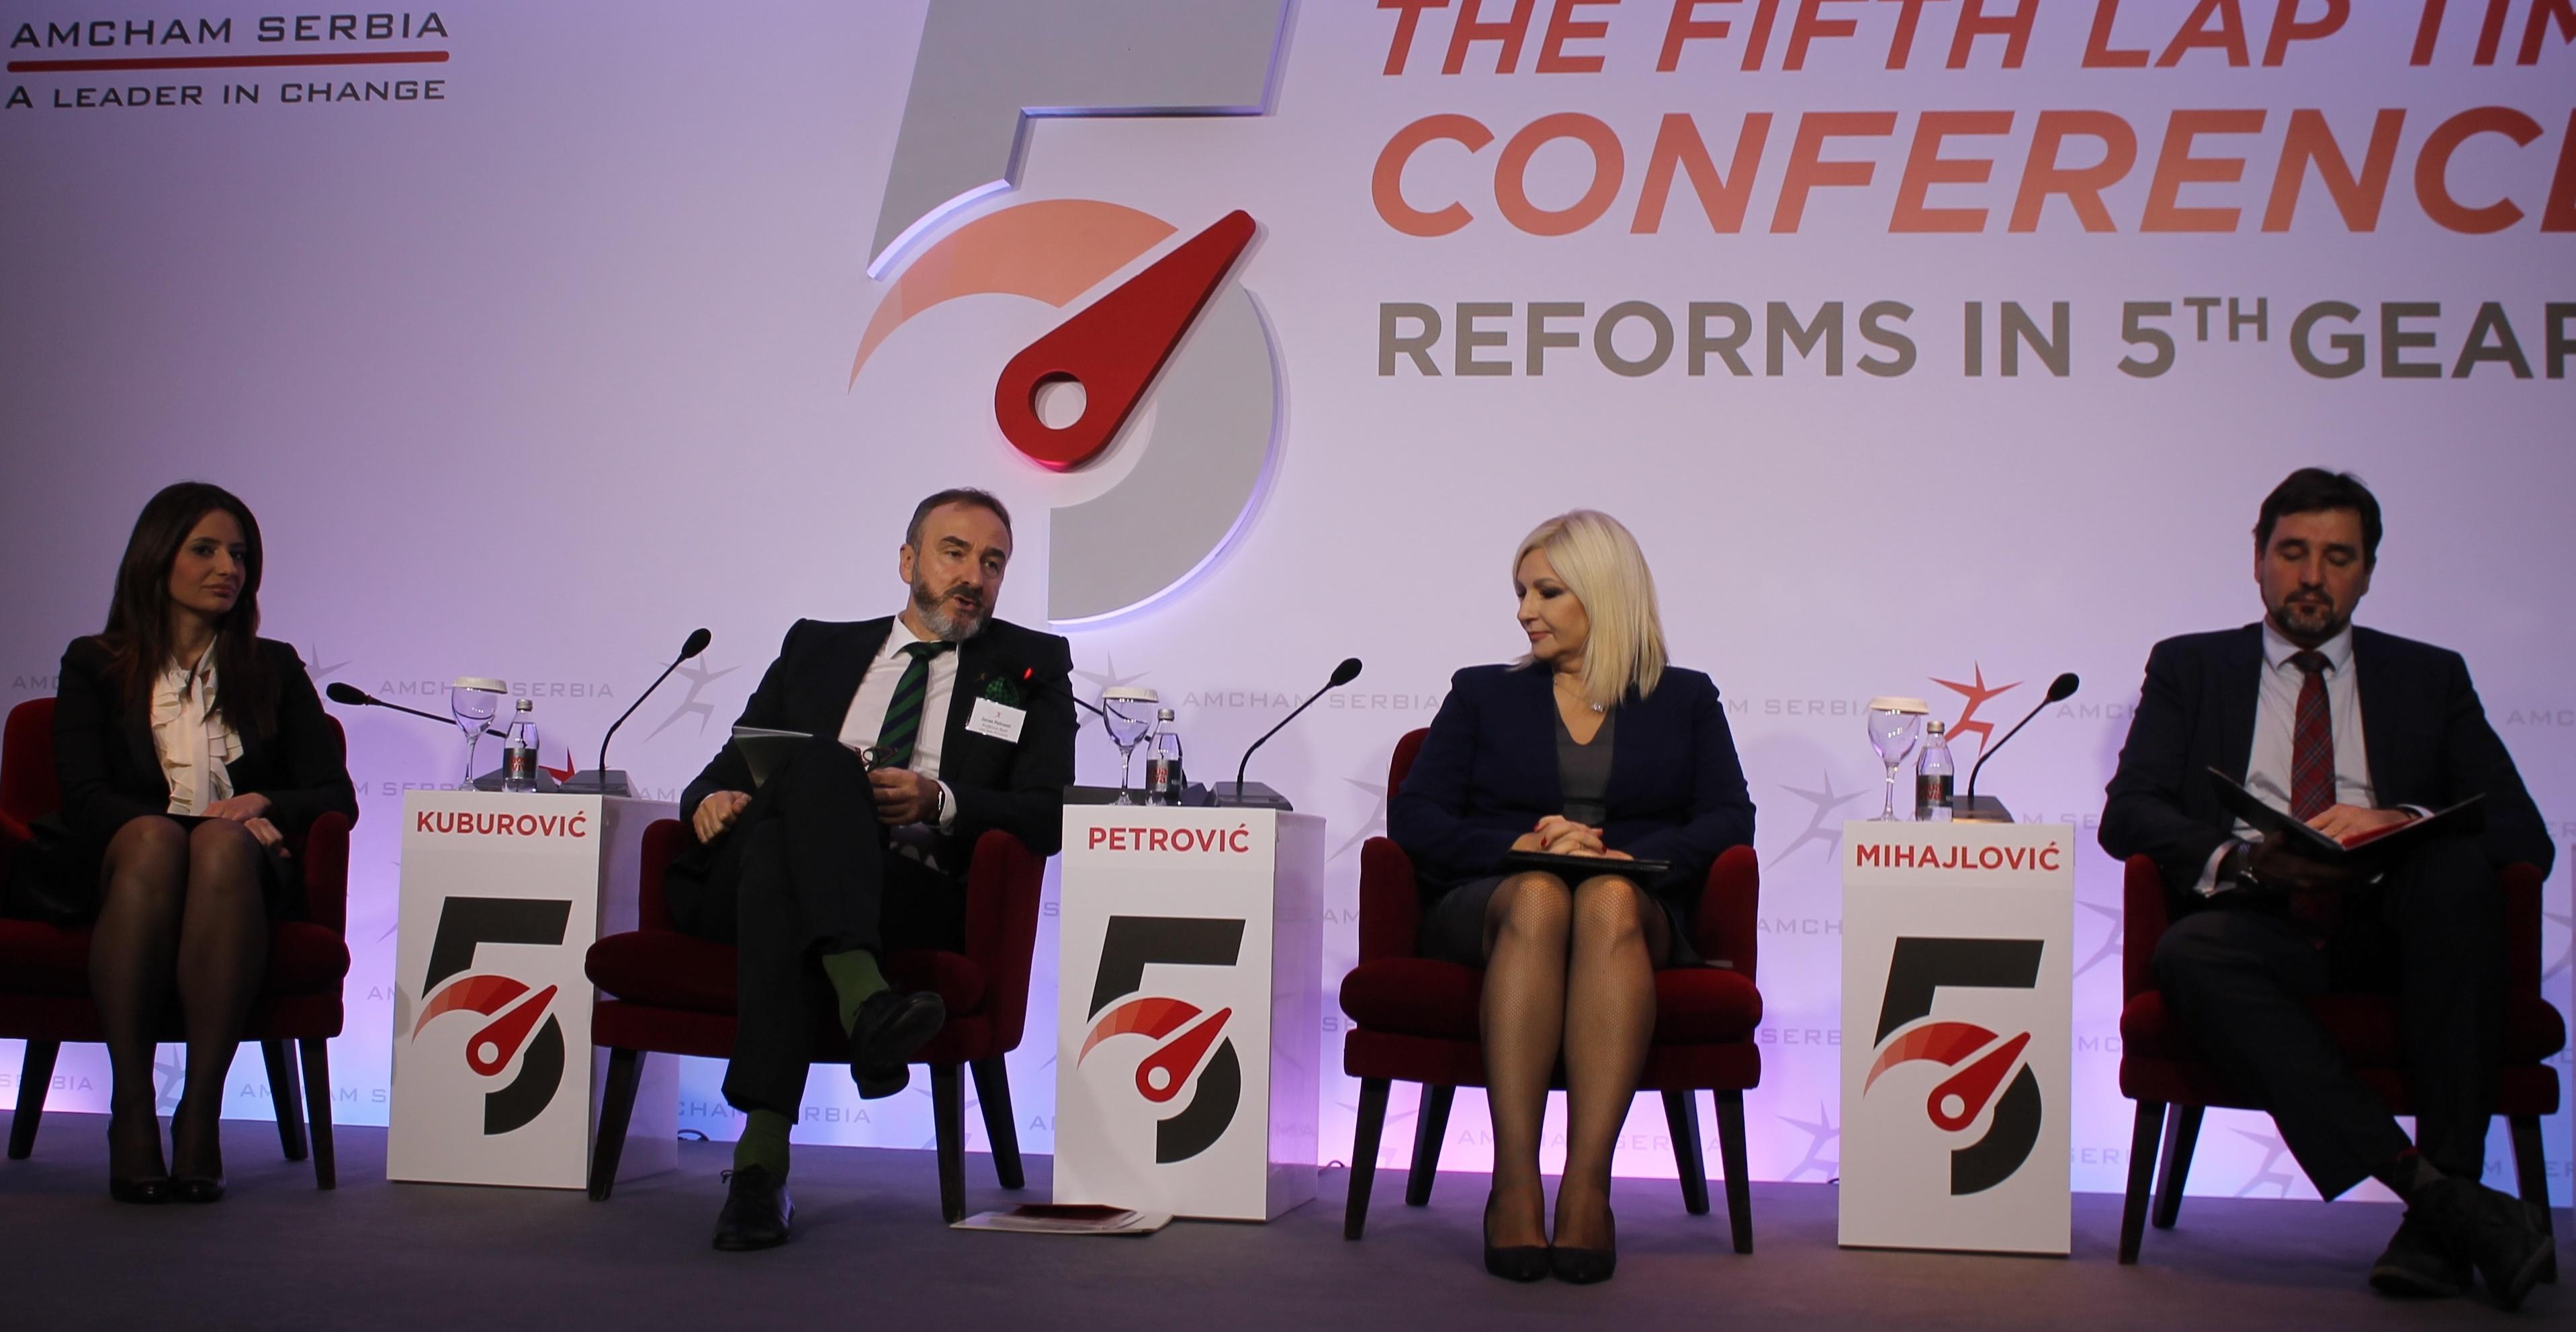 Američka privredna komora pohvalila reformske procese Srbije